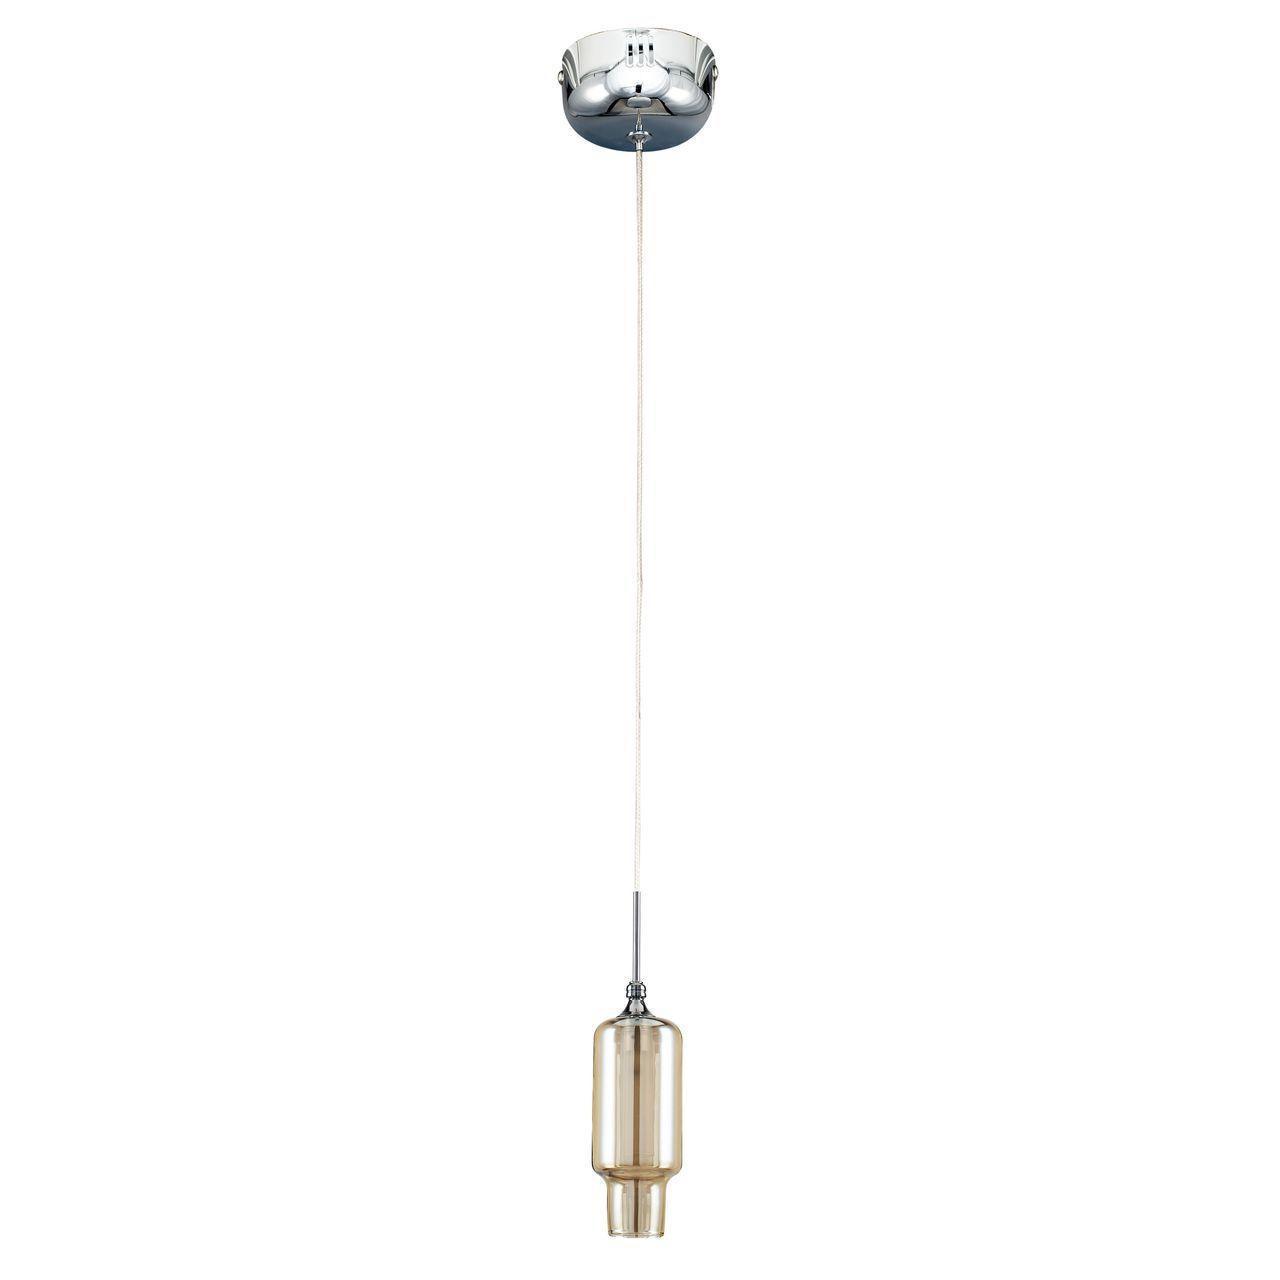 Подвесной светодиодный светильник Spot Light Inca 1176101 подвесной светодиодный светильник spot light inca 1176101